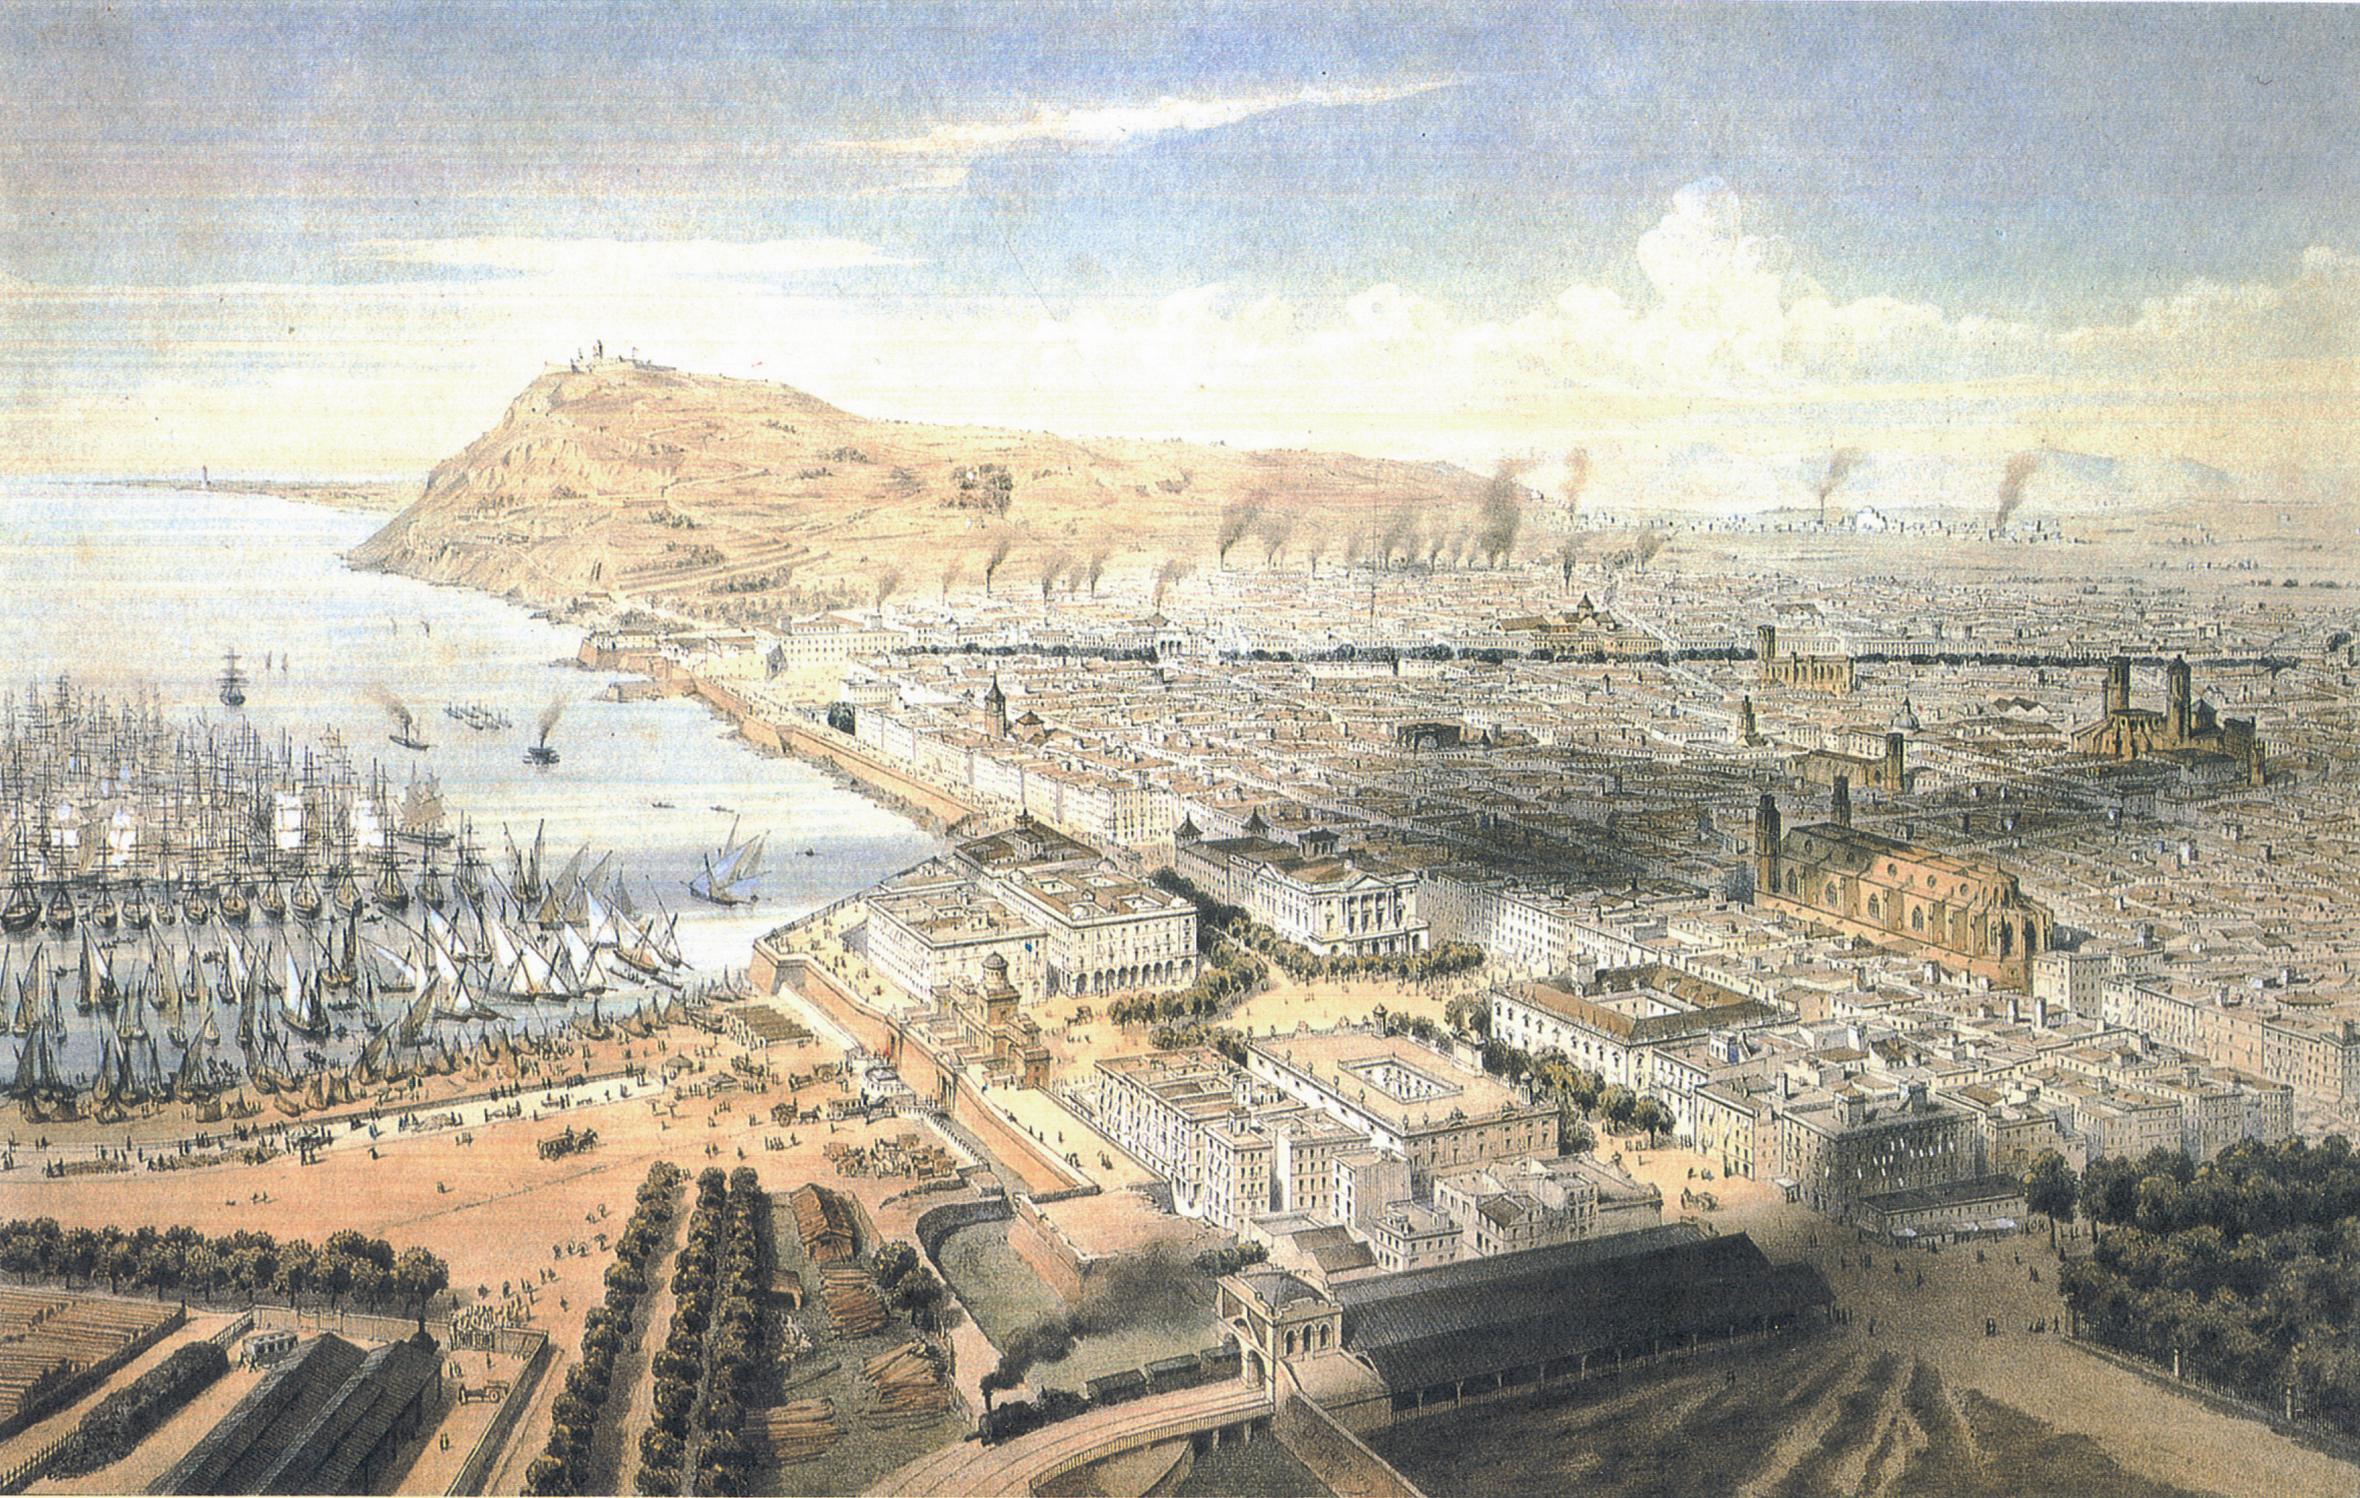 Vista de Barcelona d'Alfred Guesdon abans de l'enderroc de la muralla, amb el Baluard de Migdia i l'Estació de França a primer terme.